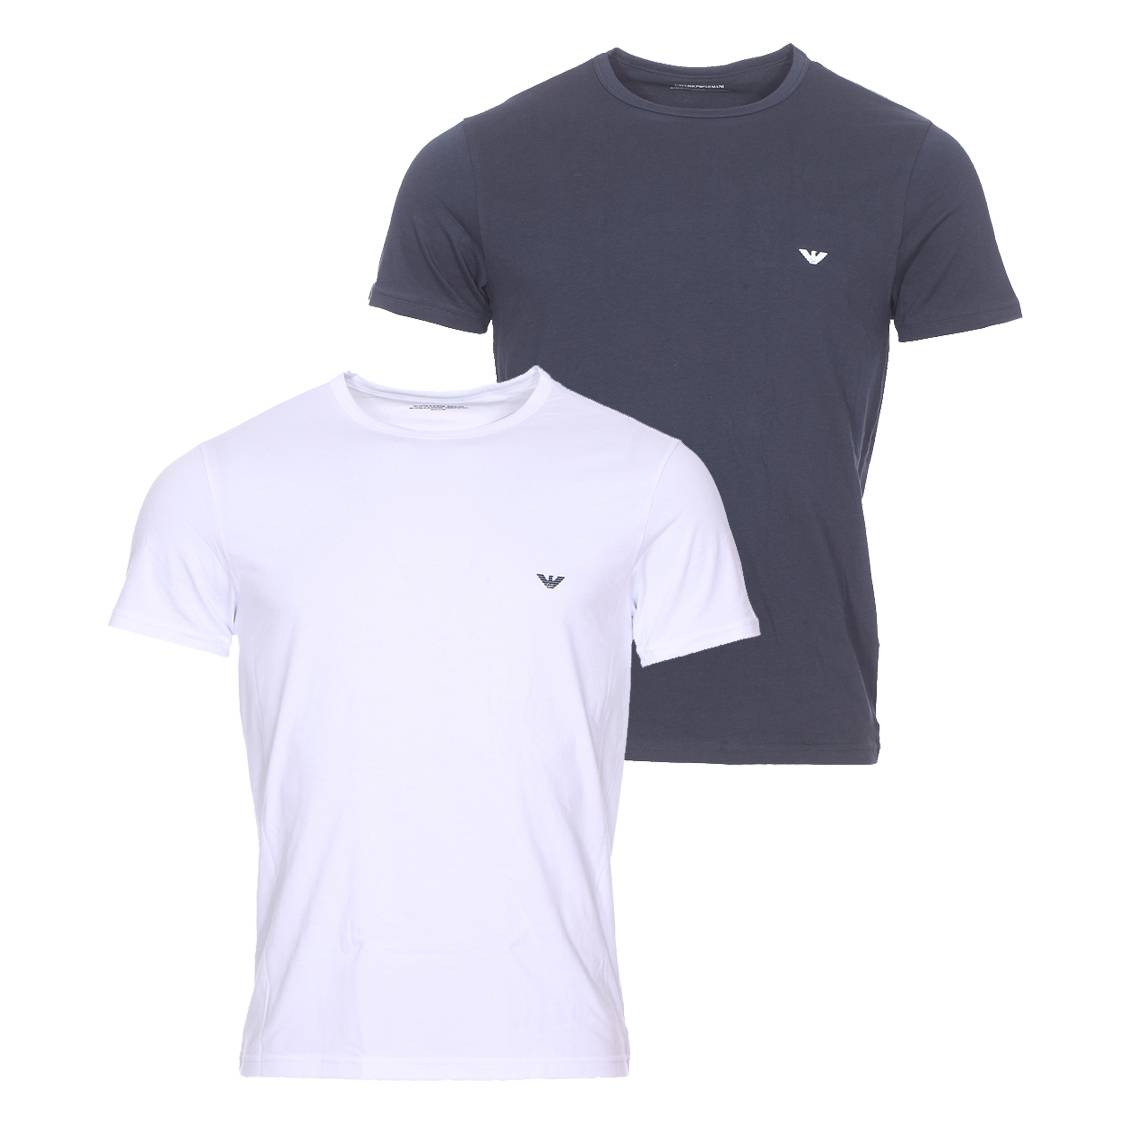 Lot de 2 tee-shirts col rond  en coton stretch : 1 modèle blanc et 1 modèle bleu marine